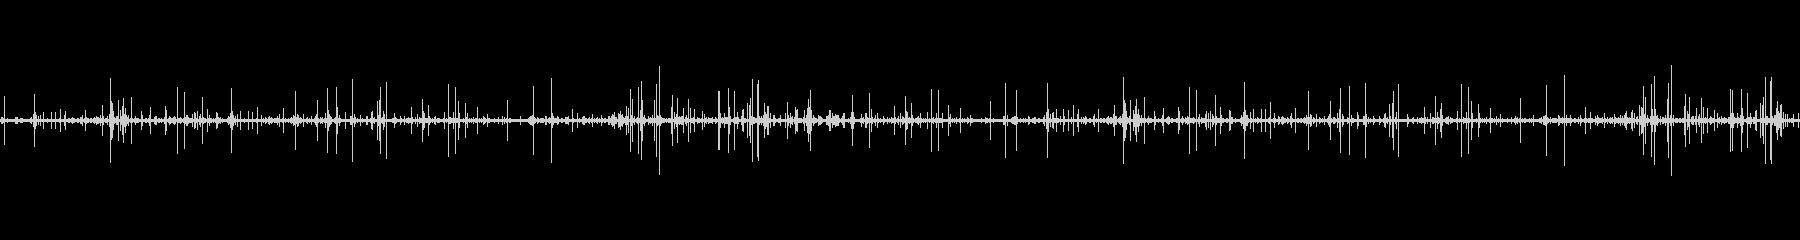 レコードノイズ Lofi ヴァイナル04の未再生の波形